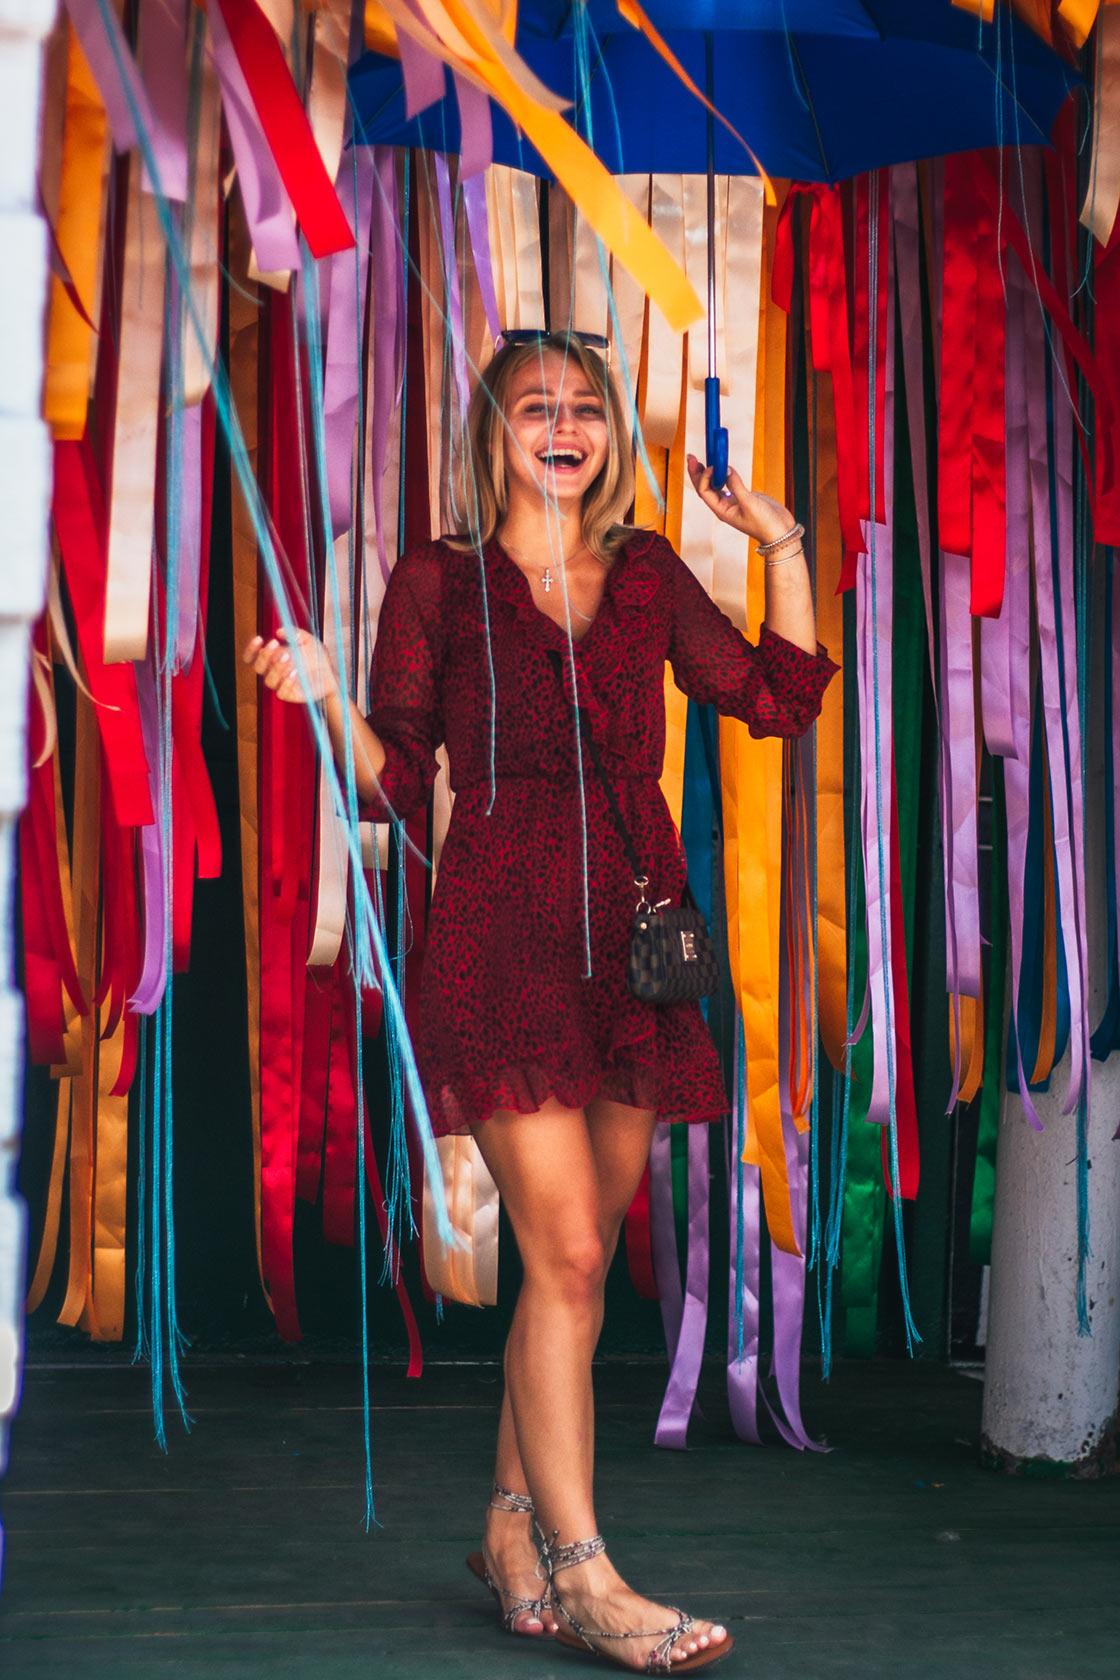 Смеющаяся девушка в цветных лентах